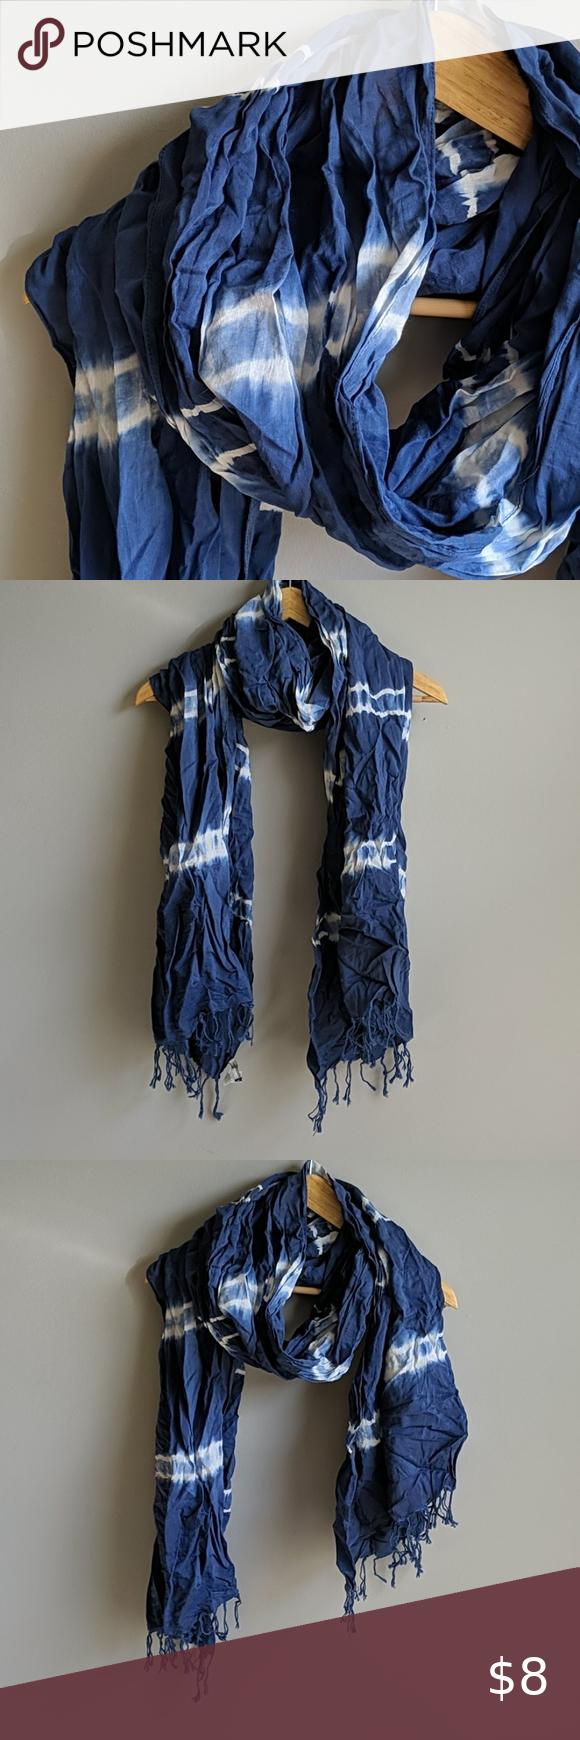 3 20 Aeo Blue Tie Dye Scarf In 2020 Tie Dye Scarves Blue Tie Dye Tie Dye Cotton